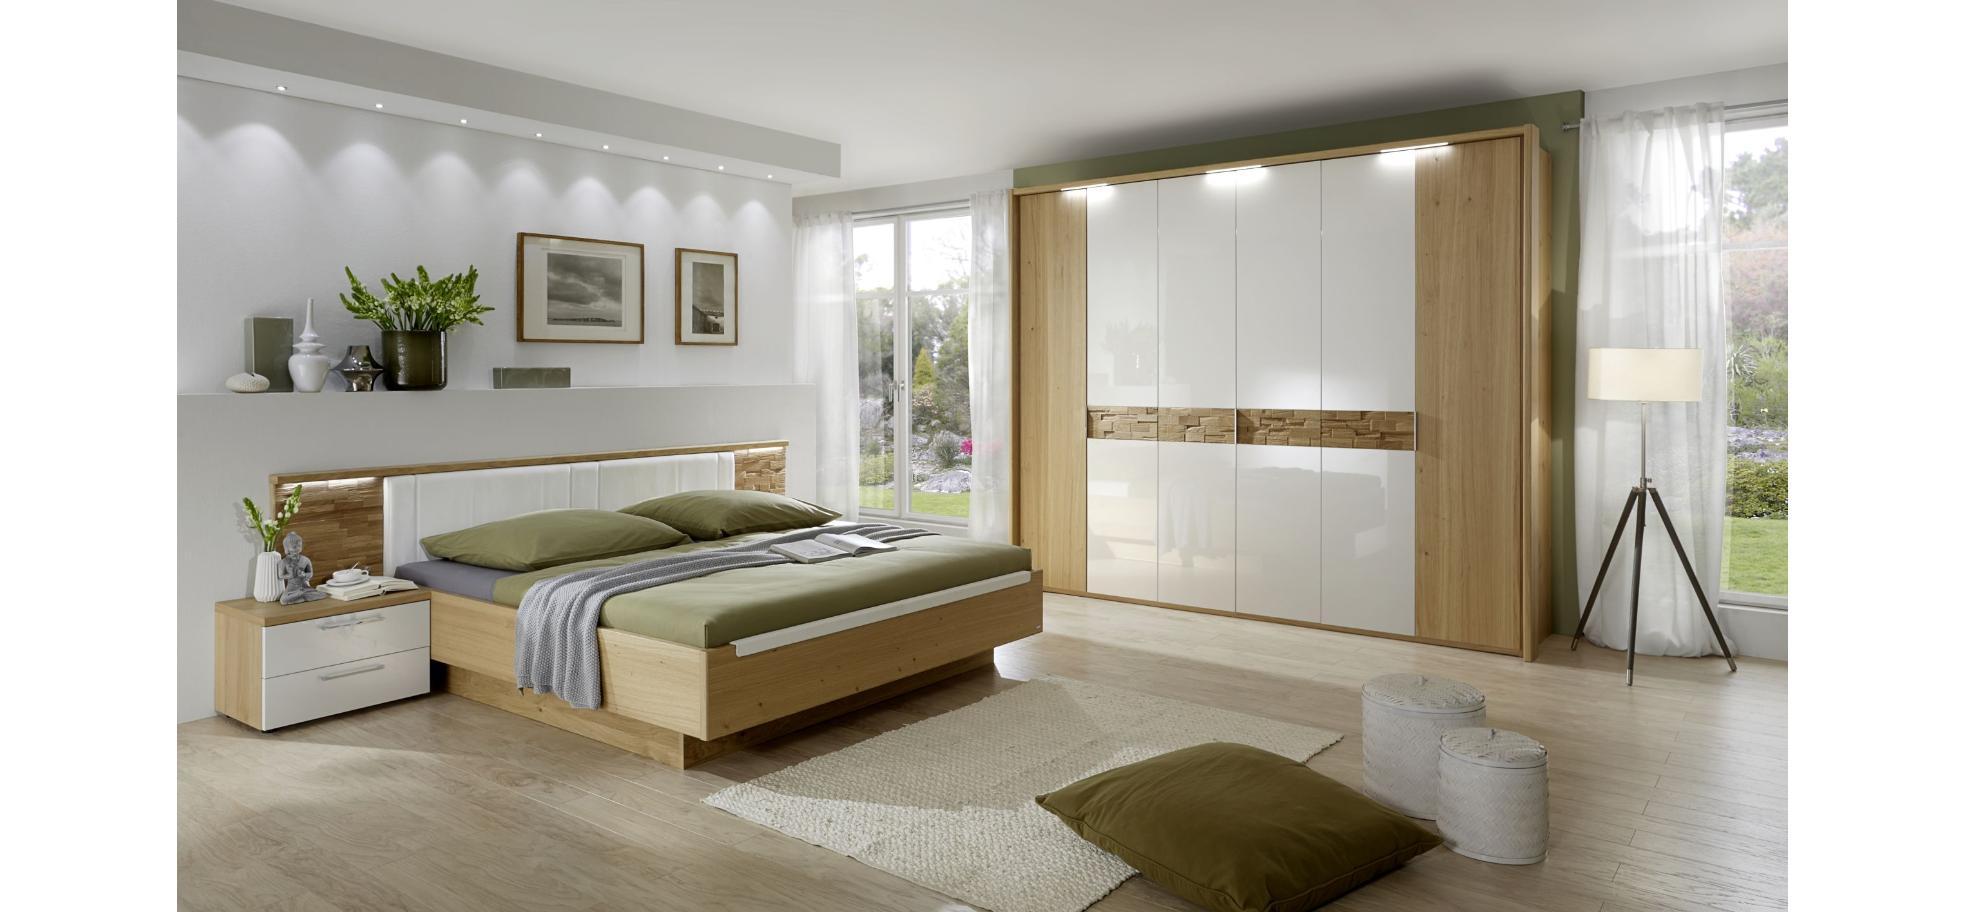 Schlafzimmer in Wildeiche mit Doppelbett und 6türigen Kleiderschrank ...